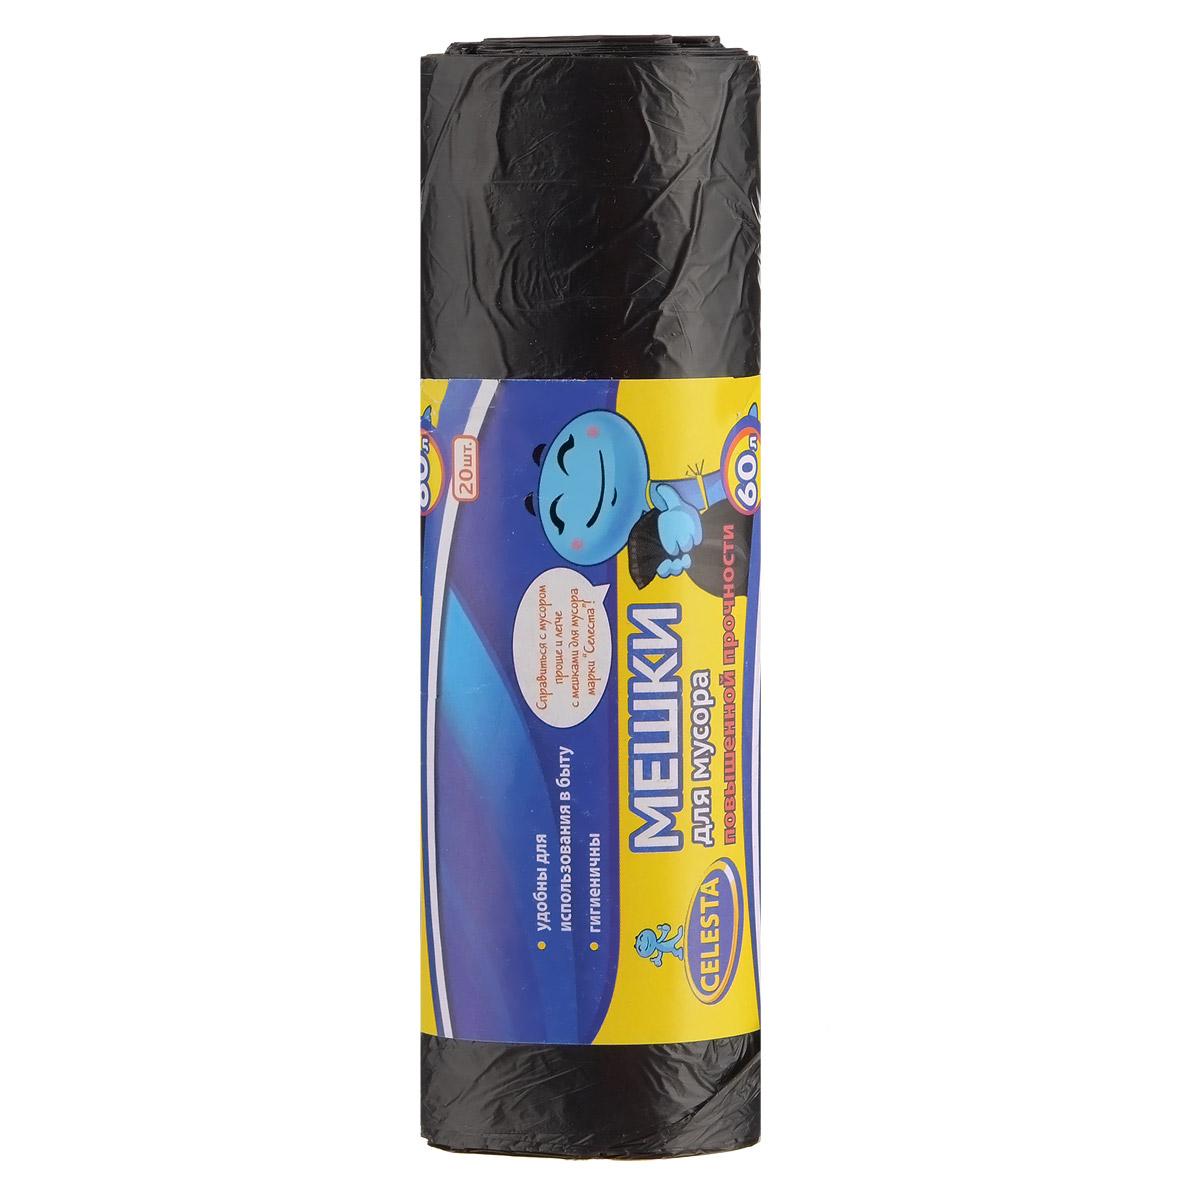 Мешки для мусора Celesta, цвет: черный, 60 л, 20 шт825435Мешки для мусора Celesta применяются для хранения и транспортировки бытовых мусорных и продуктовых отходов. Суперпрочные и гигиеничные. Удобны для использования в быту. Мешки быстро и просто отрываются по линии перфорации. Материал: полиэтилен. Объем: 60 л. Количество мешков: 20 шт.